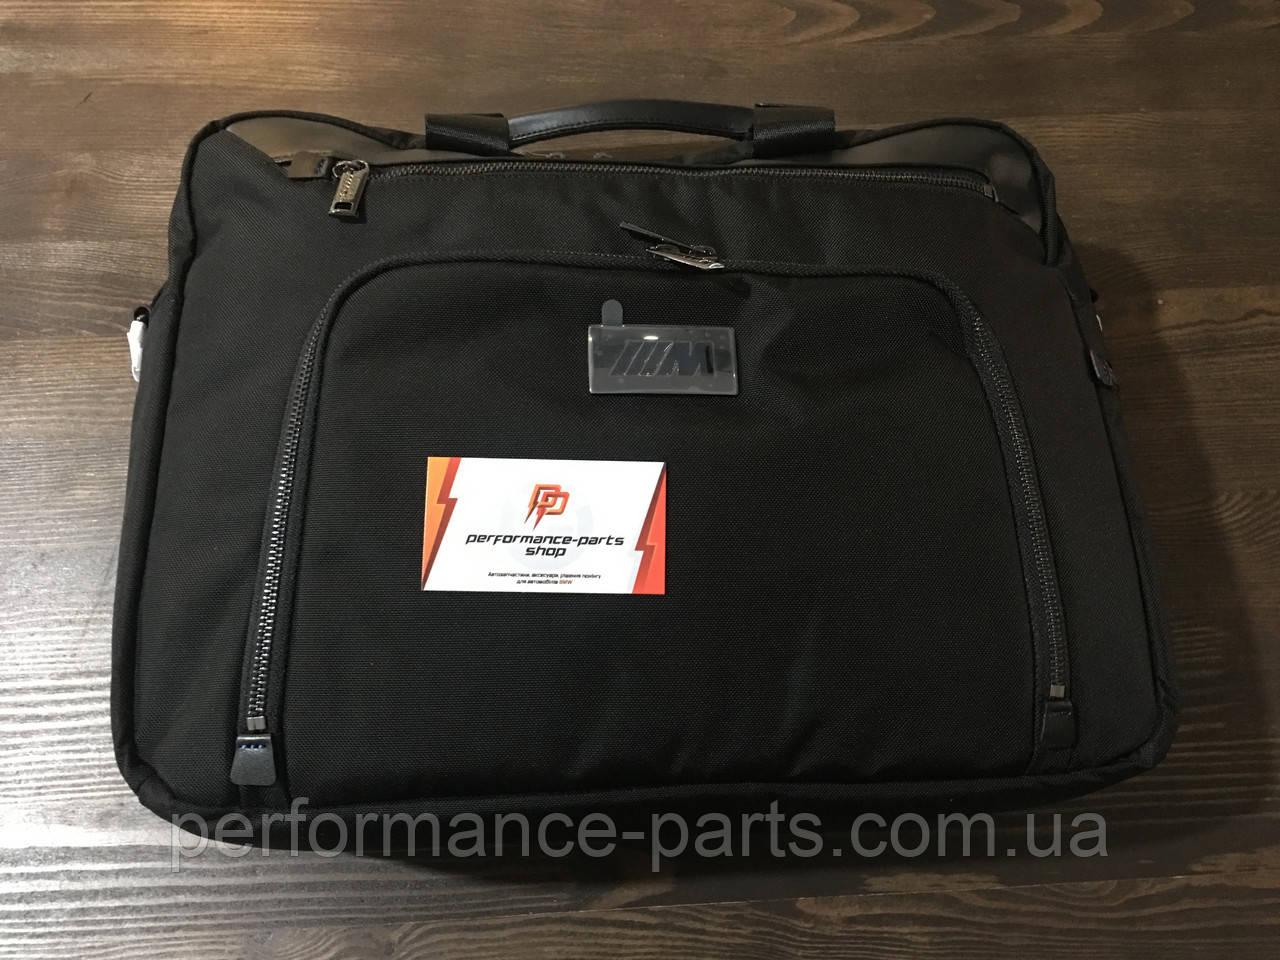 9d14d7a14783 Сумка деловая BMW M Business Bag, 80222454768. Оригинал. Черного цвета -  Performance-